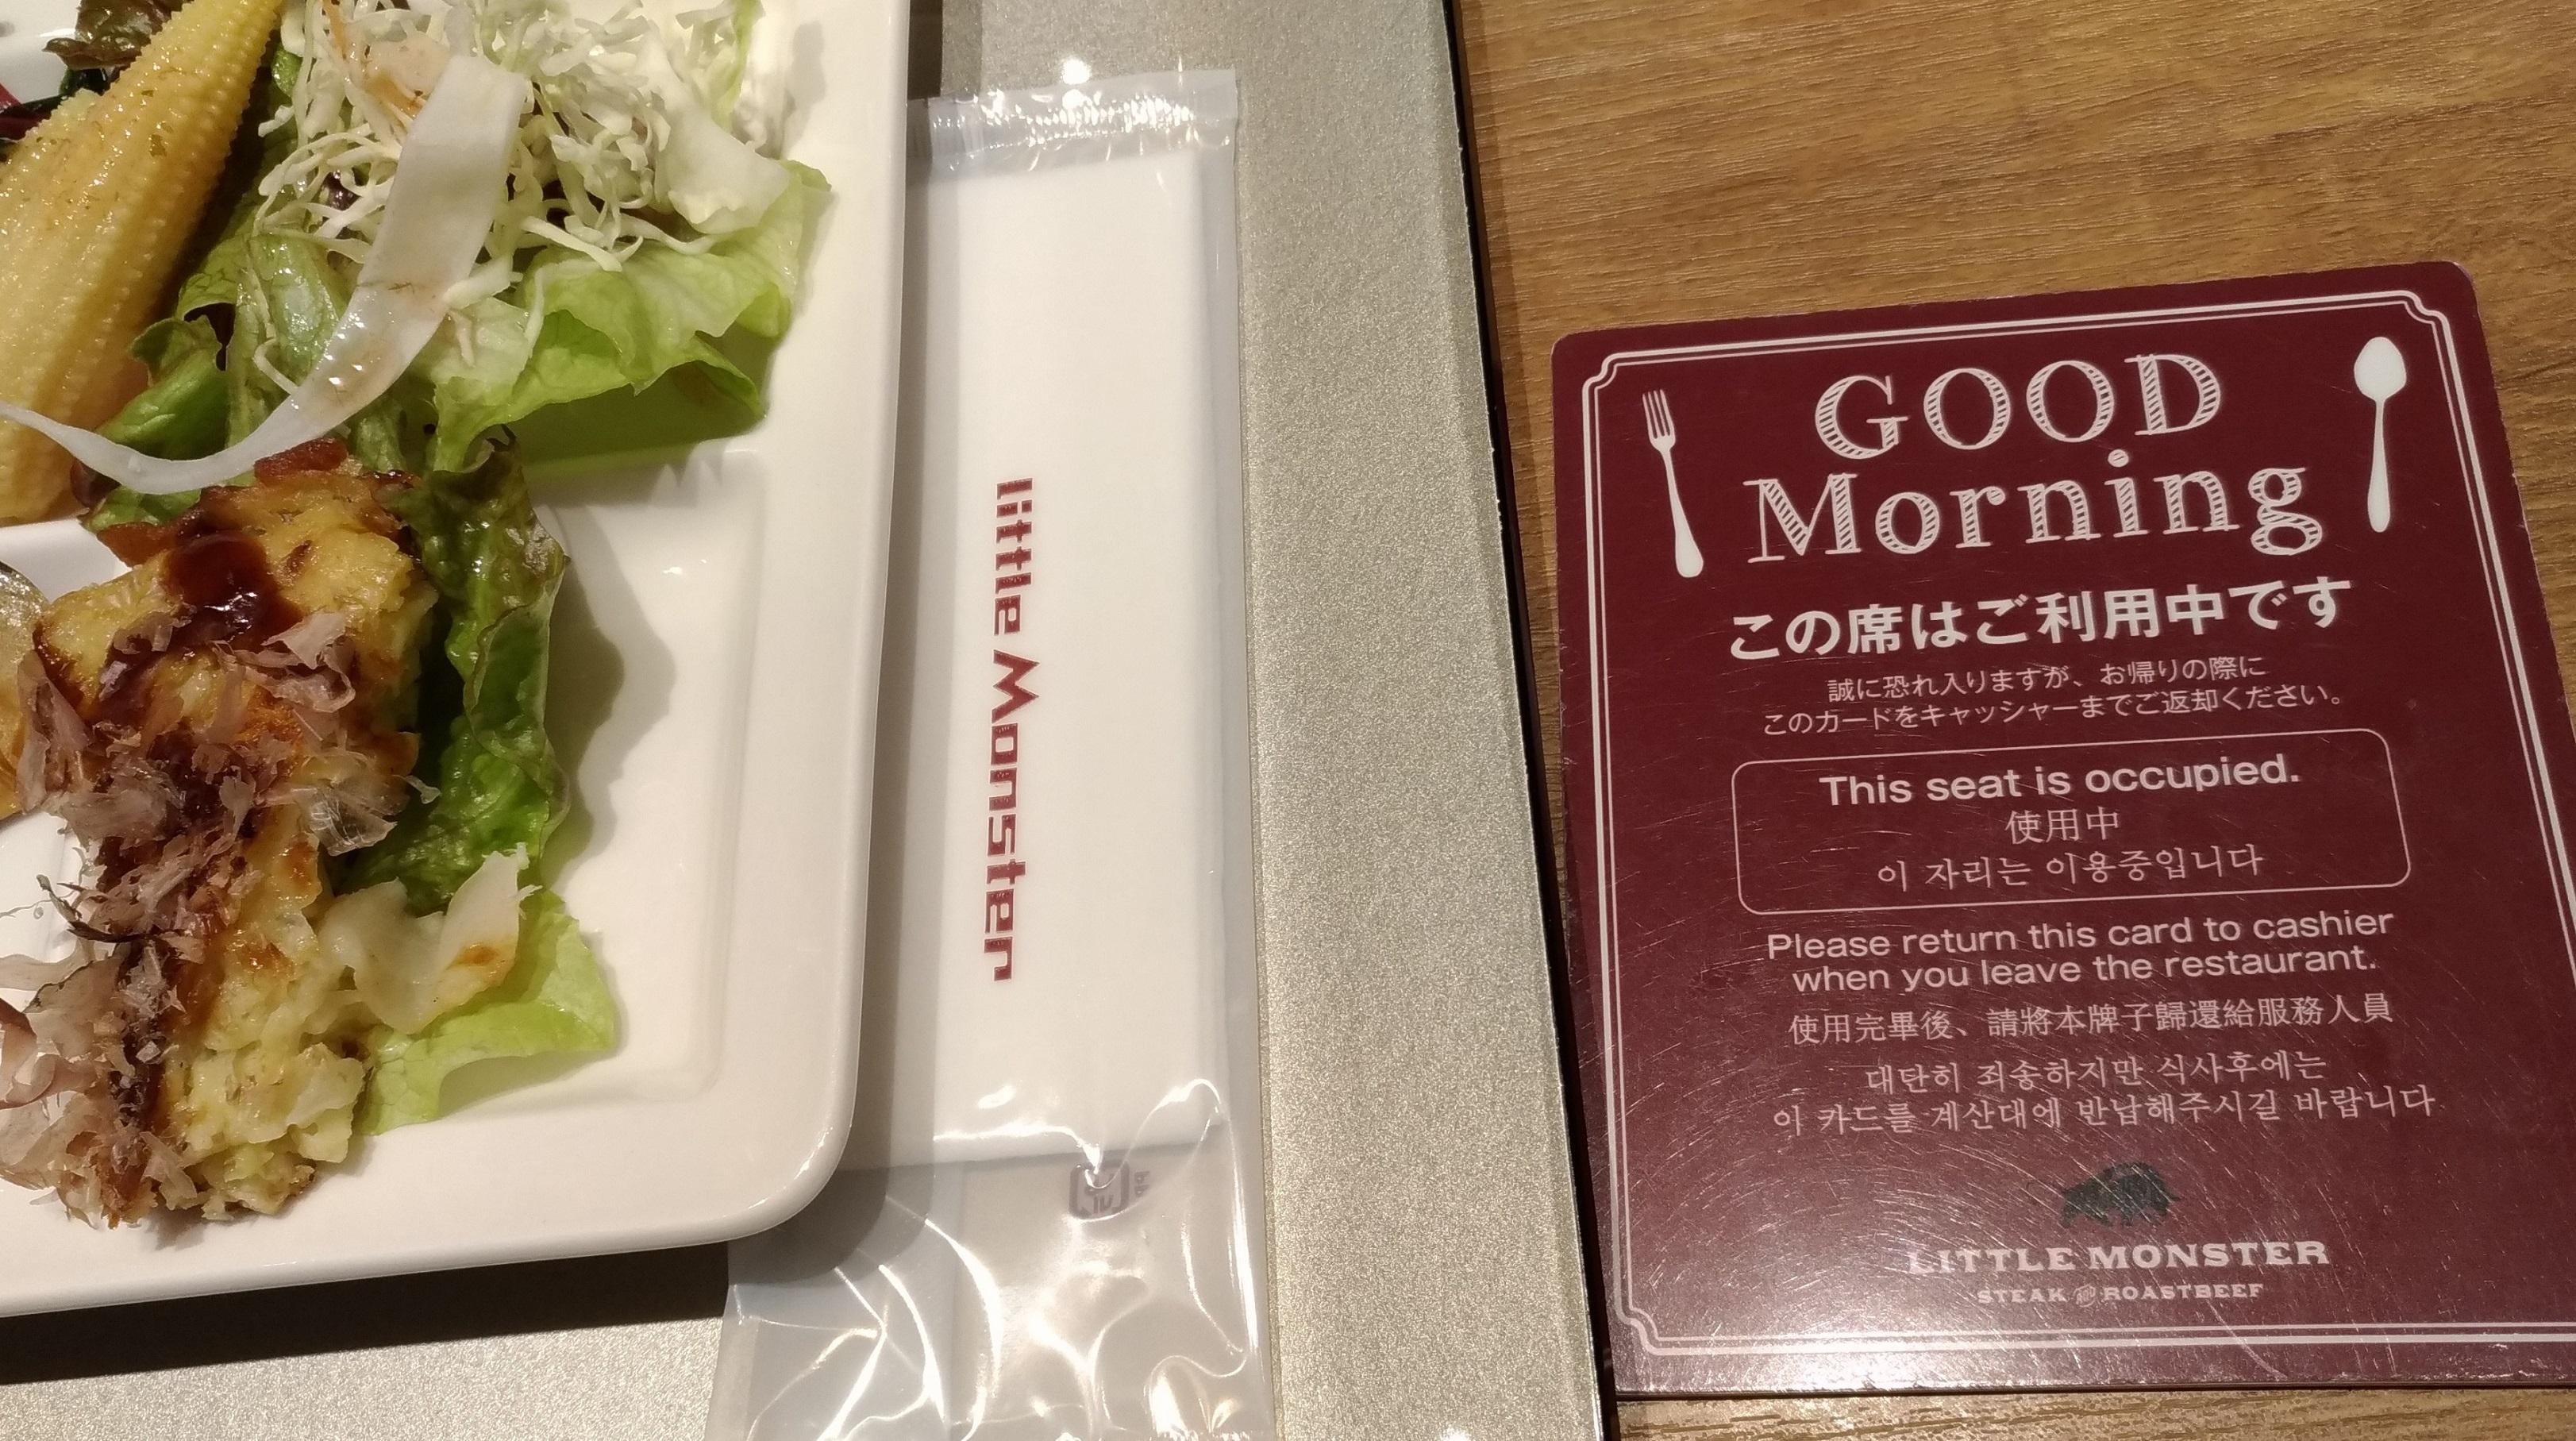 osaka_umeda_hotel_viking_tokyu_.jpg